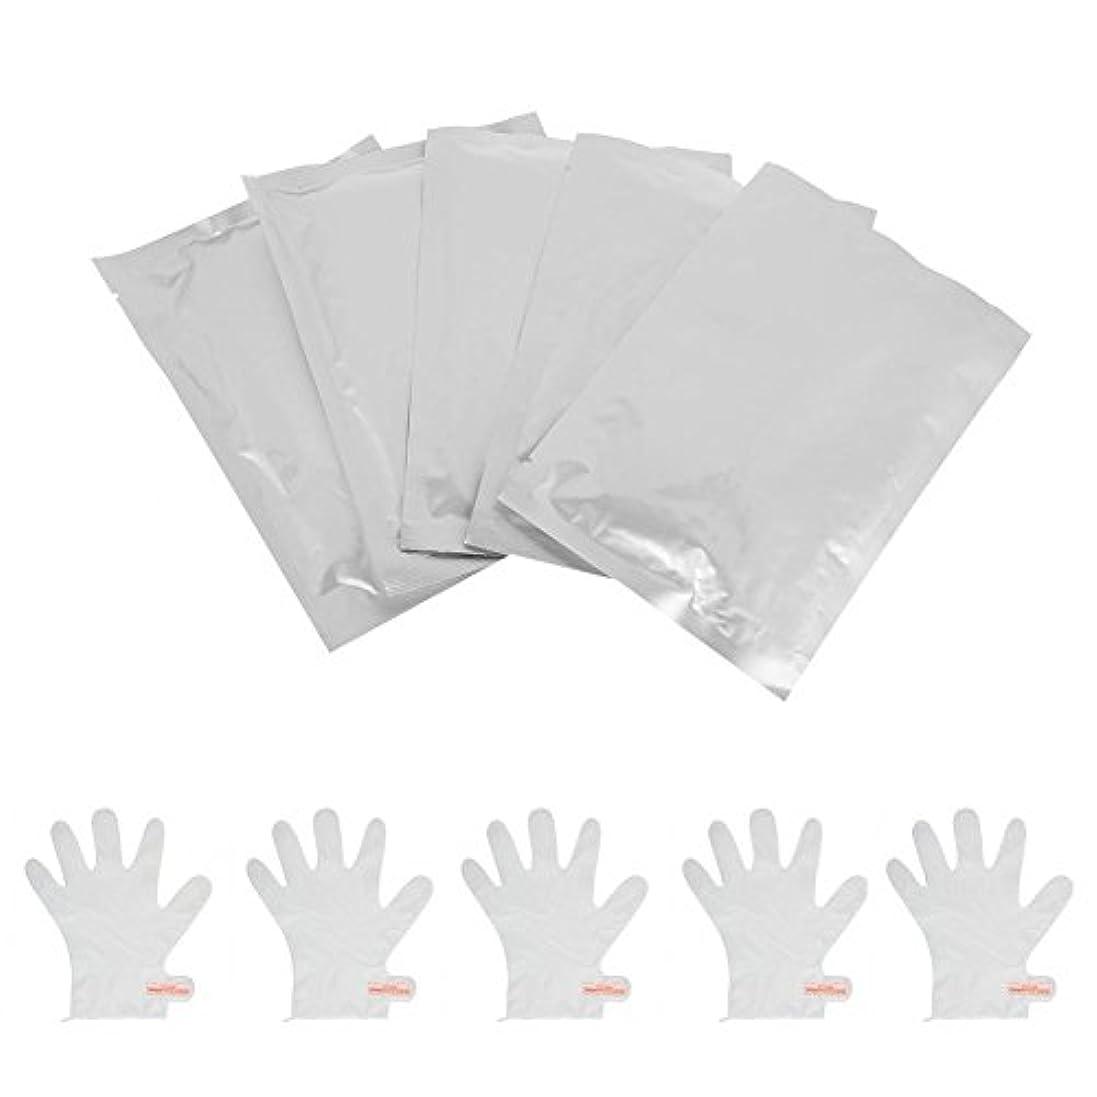 挨拶する見ました常習者Ochun ハンドマスク ハンドパック しっとり 保湿ケア 手荒れを防ぐ 乾燥の季節に適用 手袋のようにはめるだけ 10枚セット